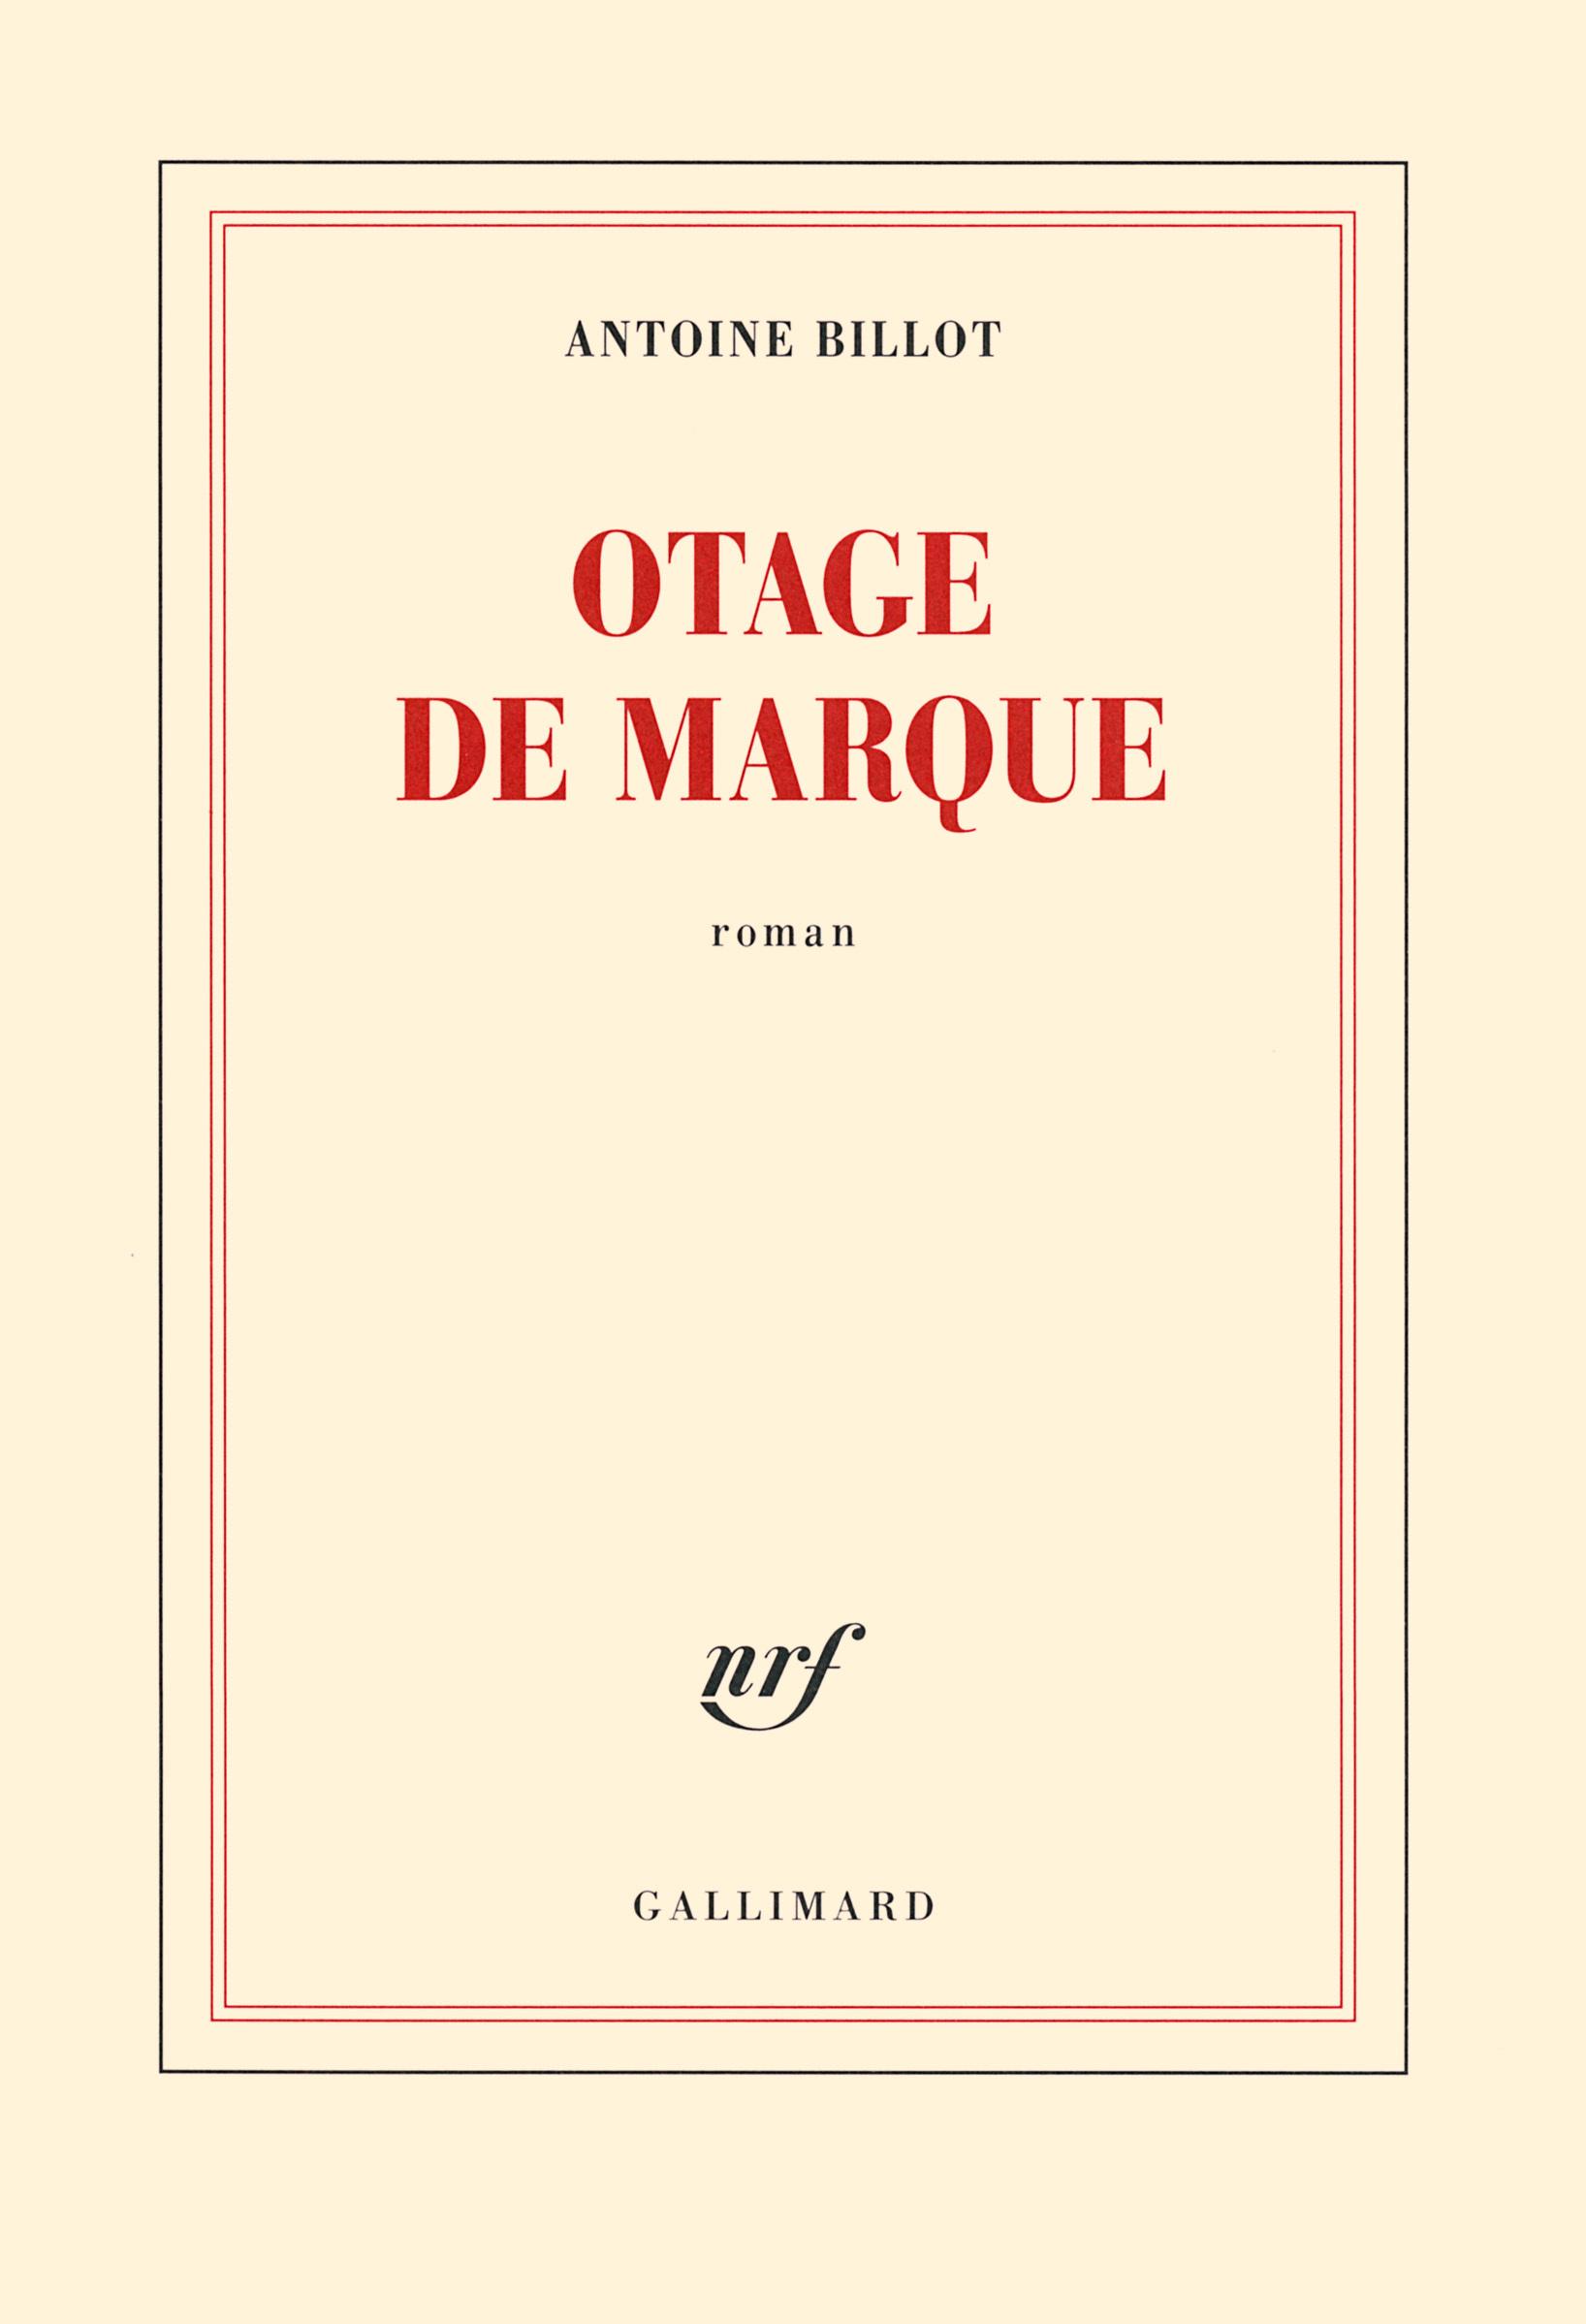 OTAGE DE MARQUE ROMAN